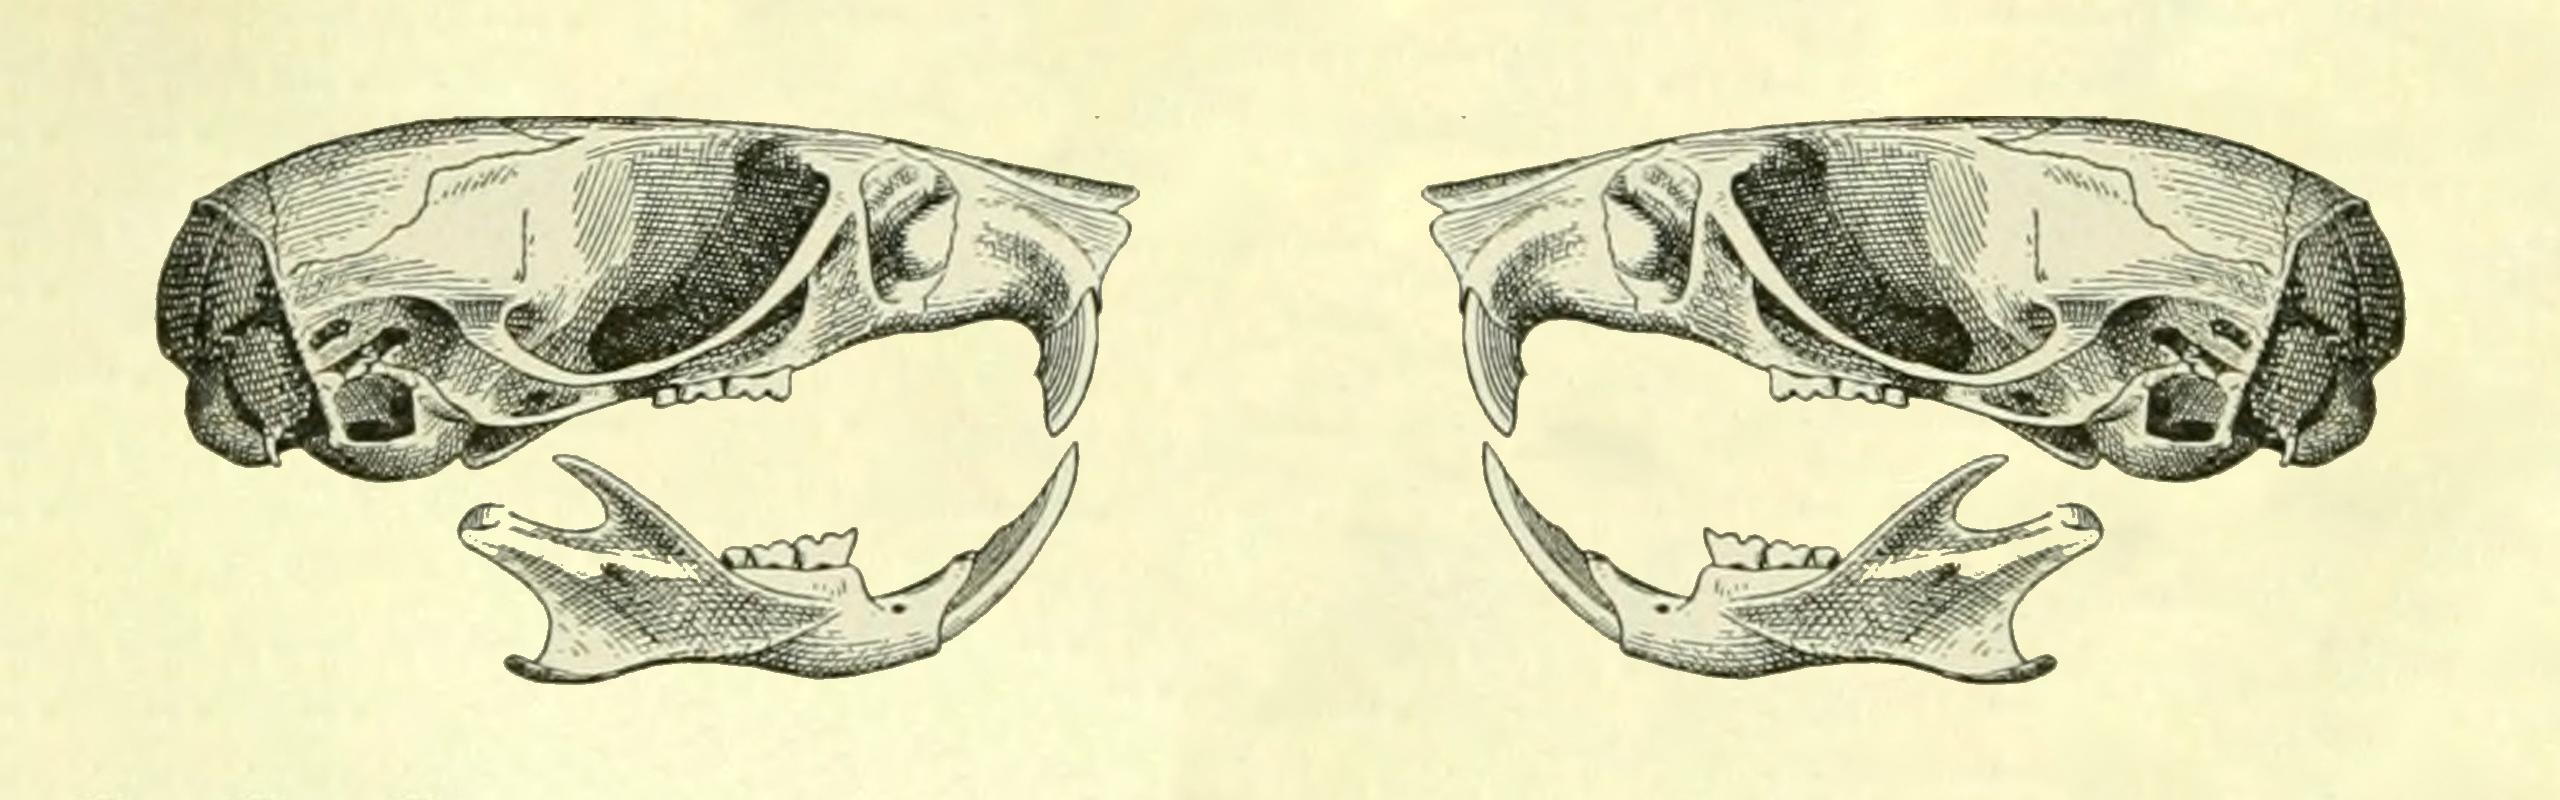 FaunaFocus